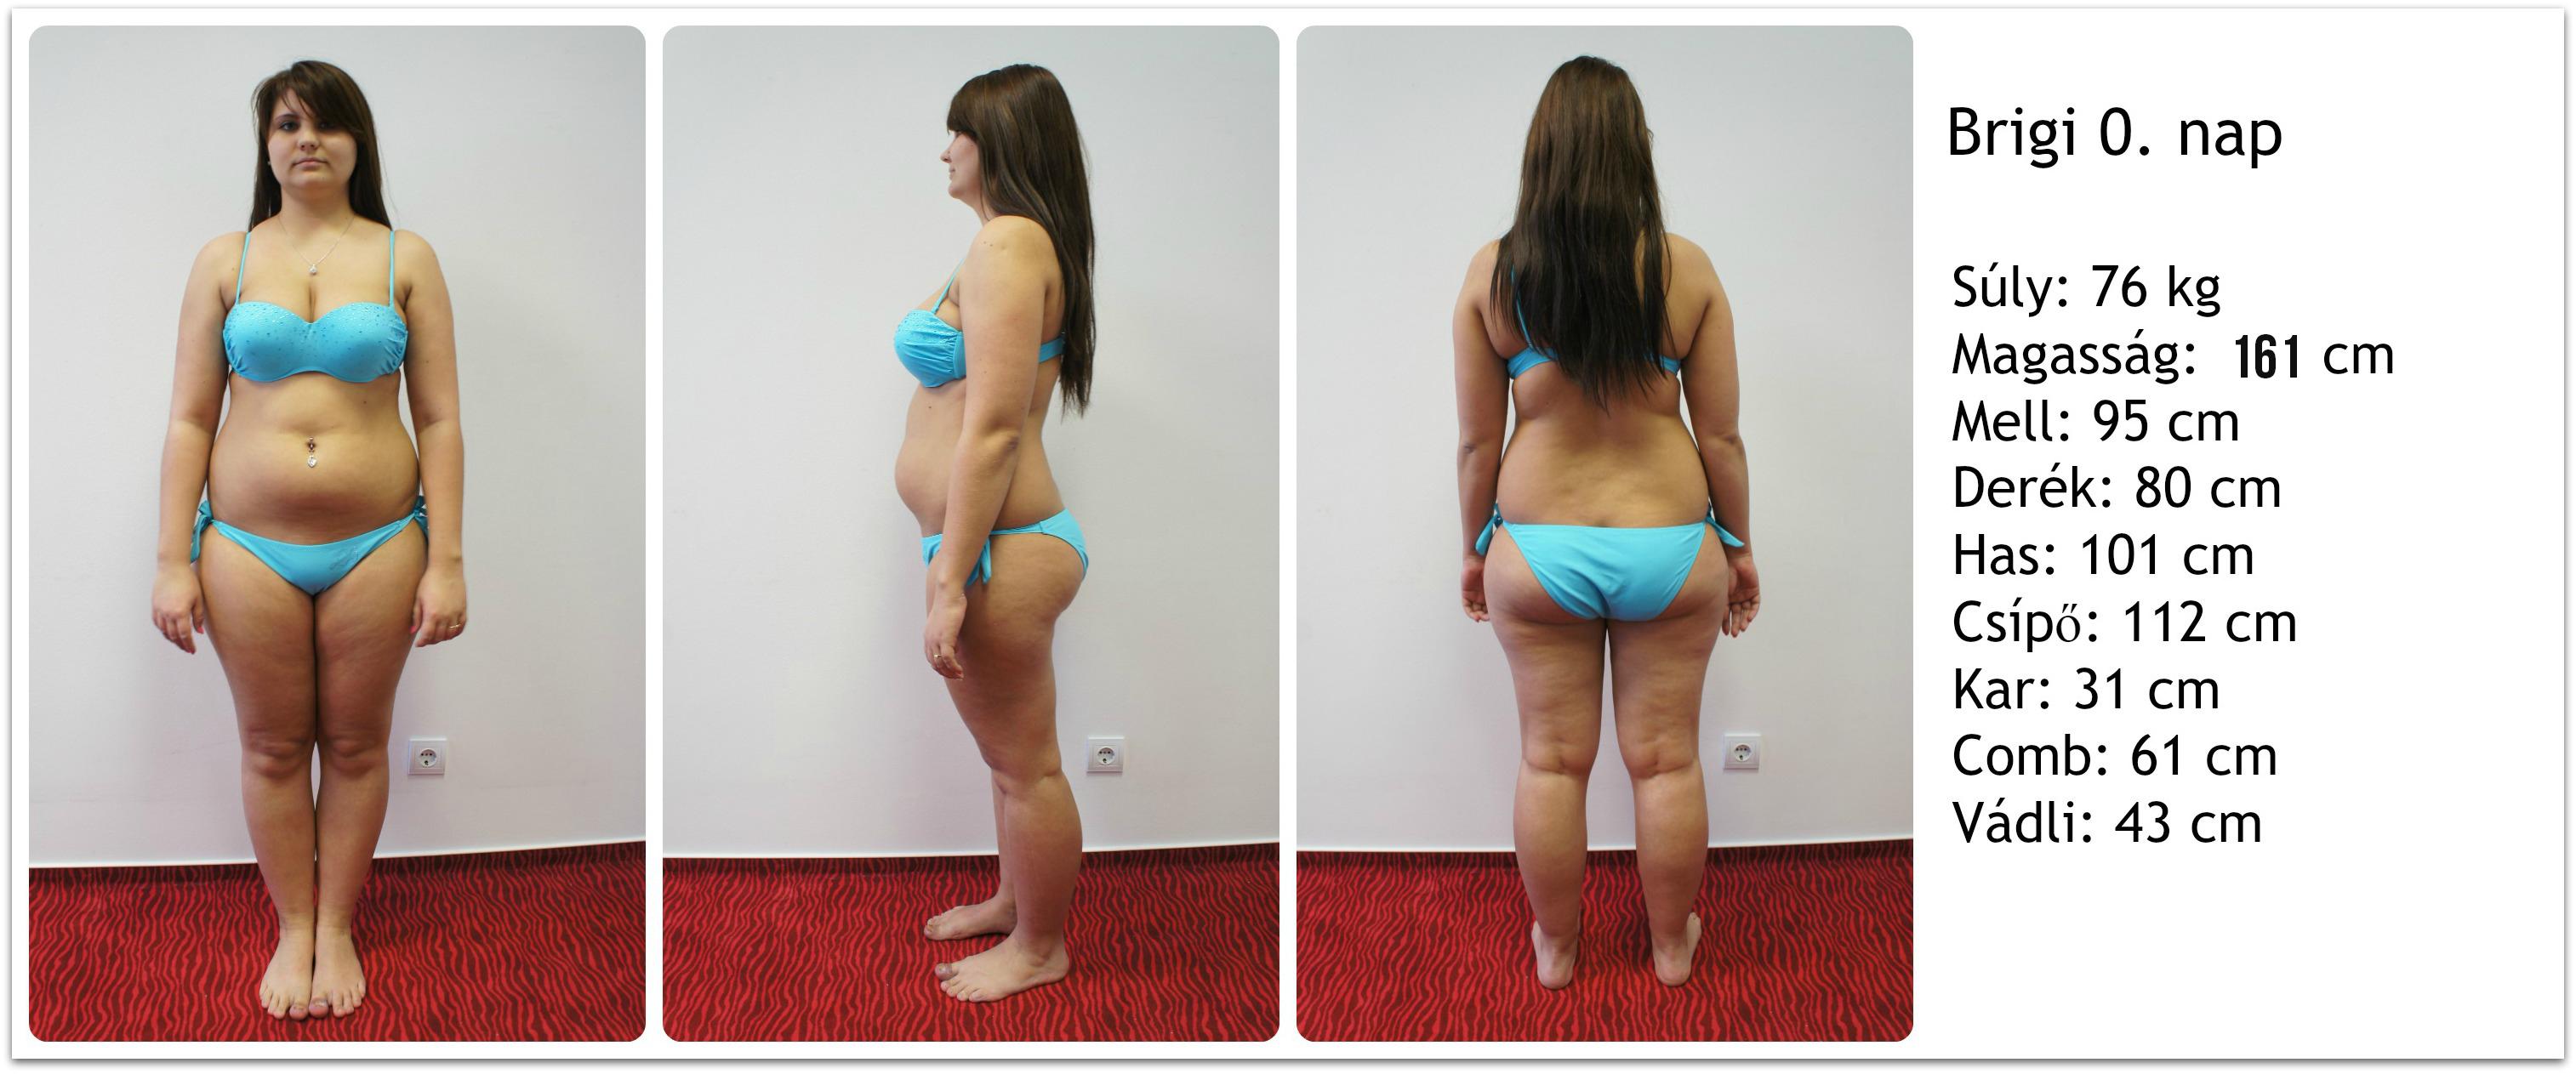 linda test karcsú súlycsökkenés a megnagyobbodott prosztata miatt